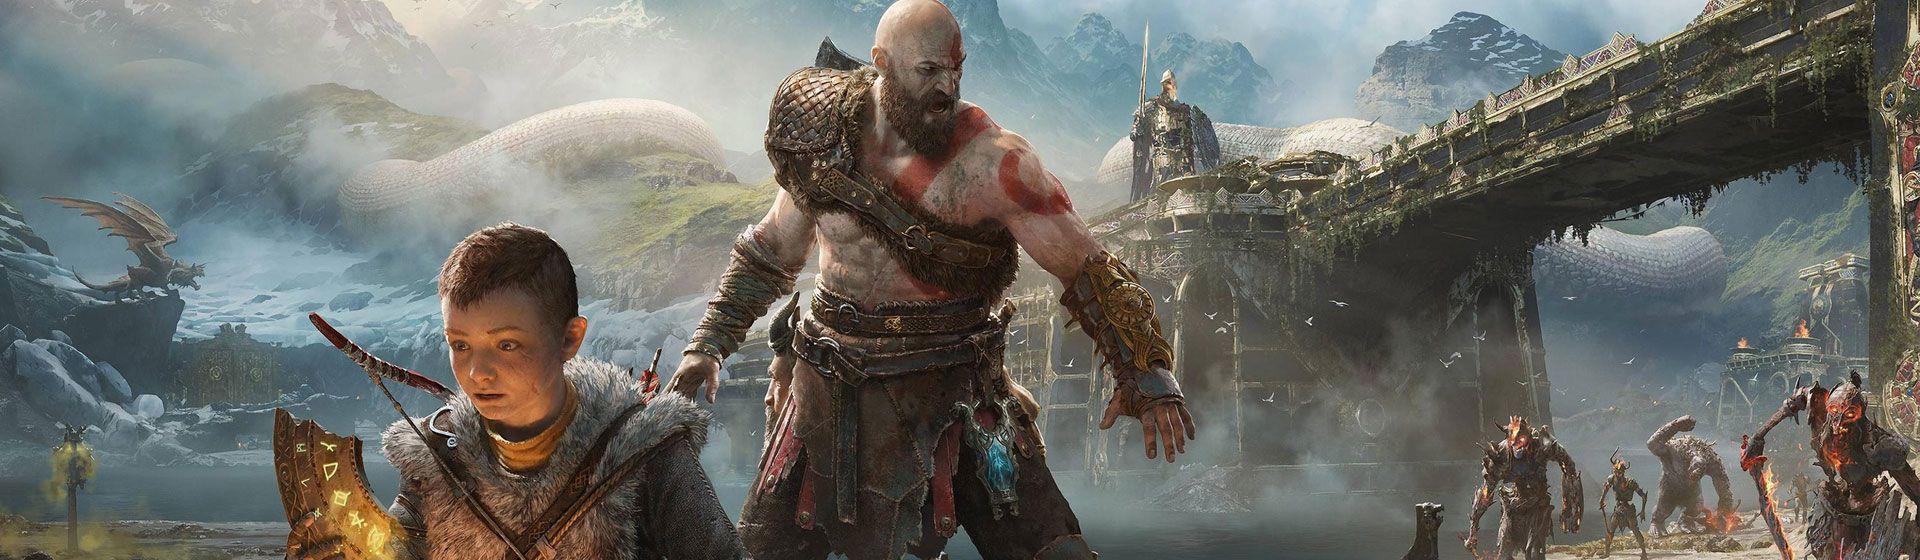 God of War recebe melhorias em performance e gráficos no PS5